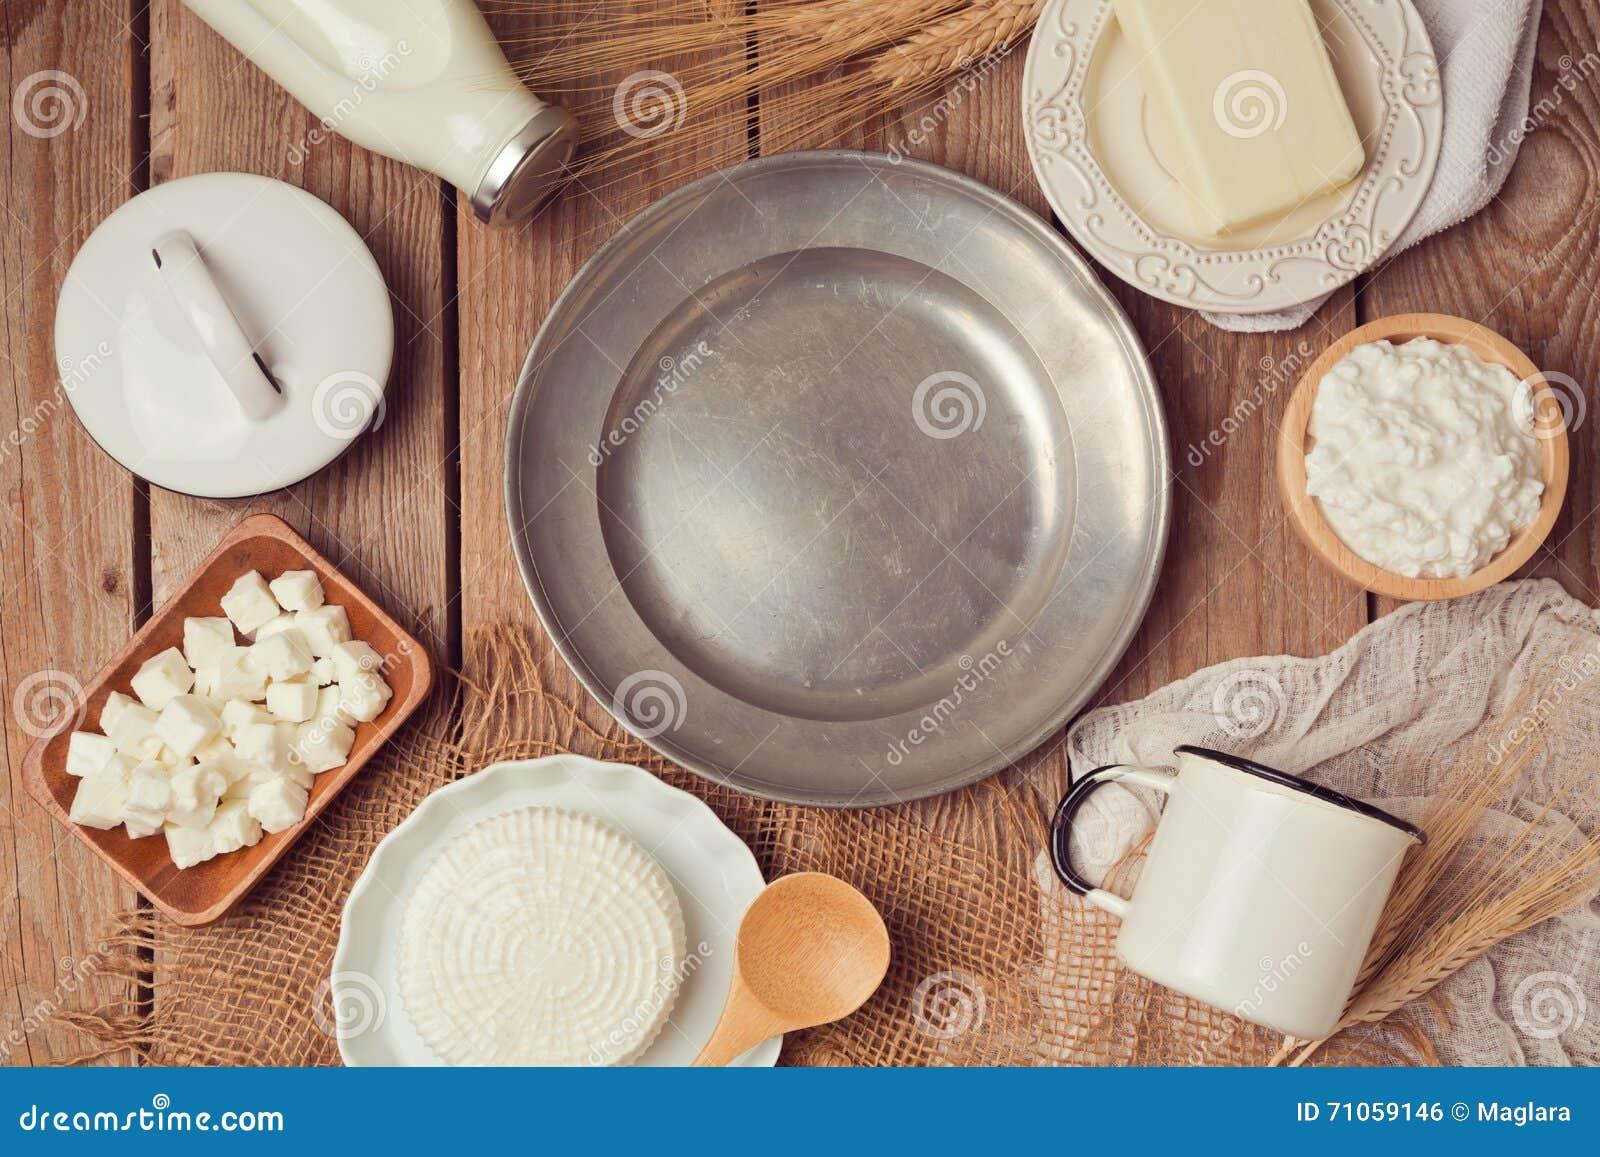 lait, fromage et beurre autour de plat vide de vintage sur la table